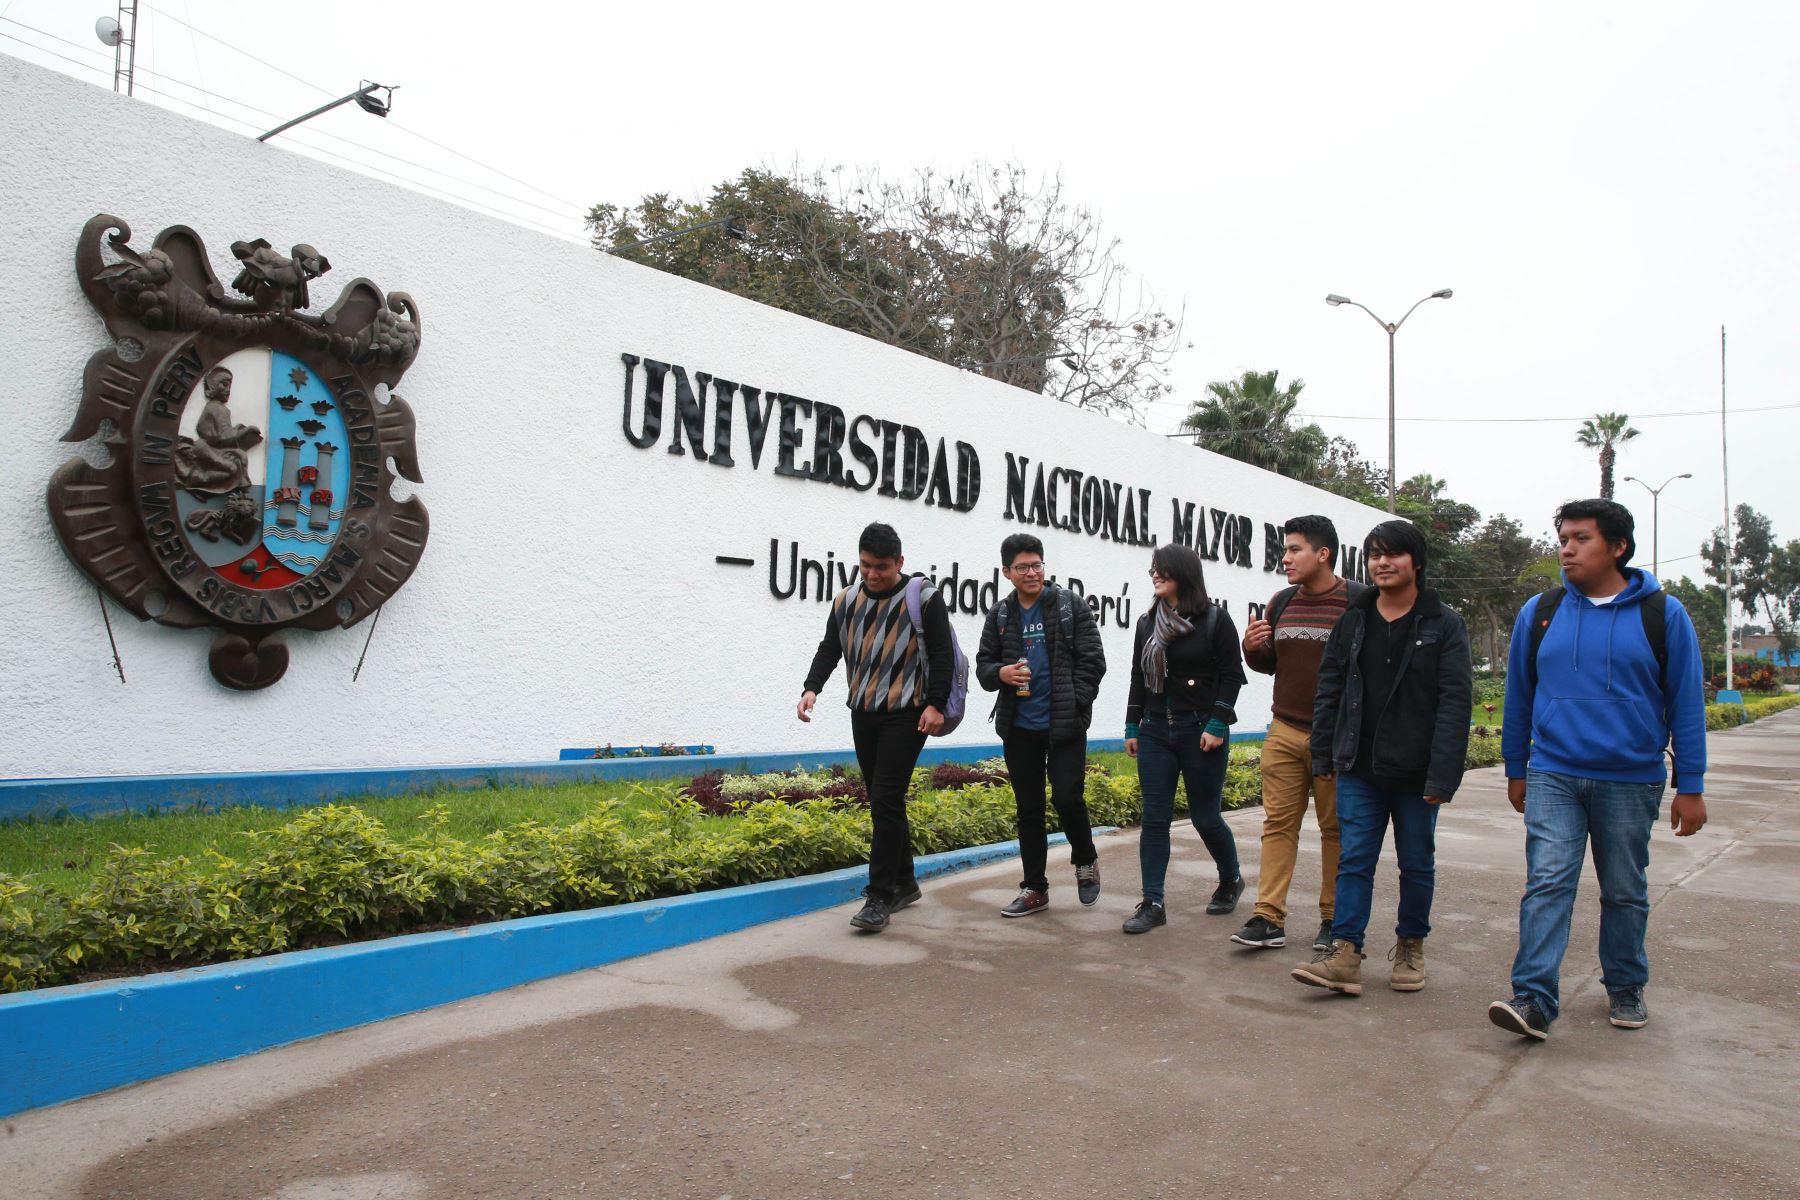 Estudiantes en el campus de la Universidad Nacional Mayor de San Marcos. ANDINA/Vidal Tarqui